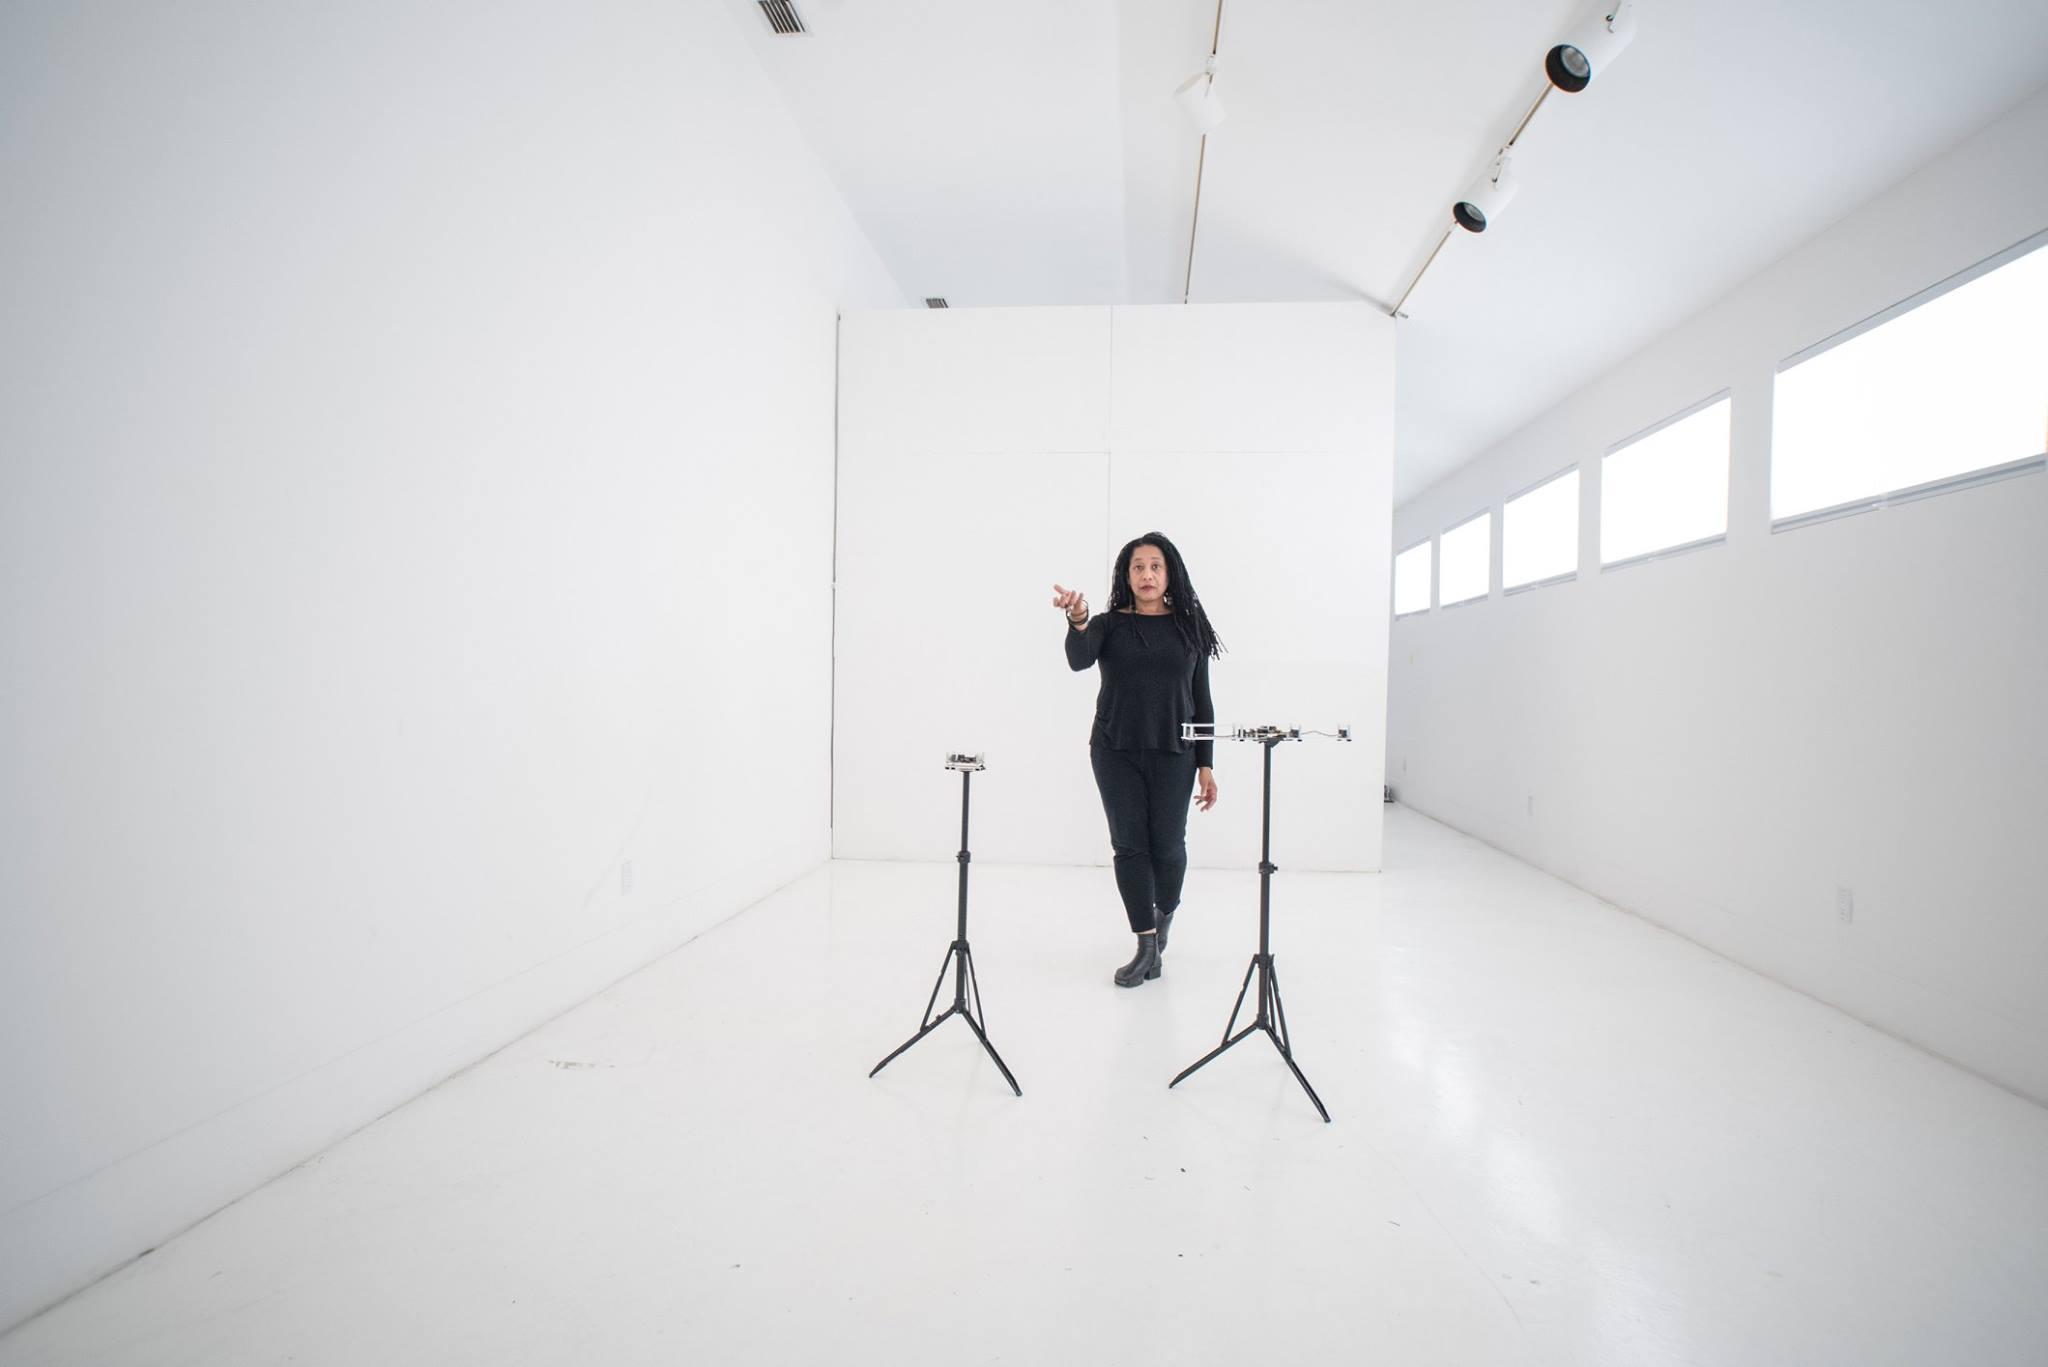 Composer, performer and media artist, Pamela Z. Photo via Red Bull Arts Detroit